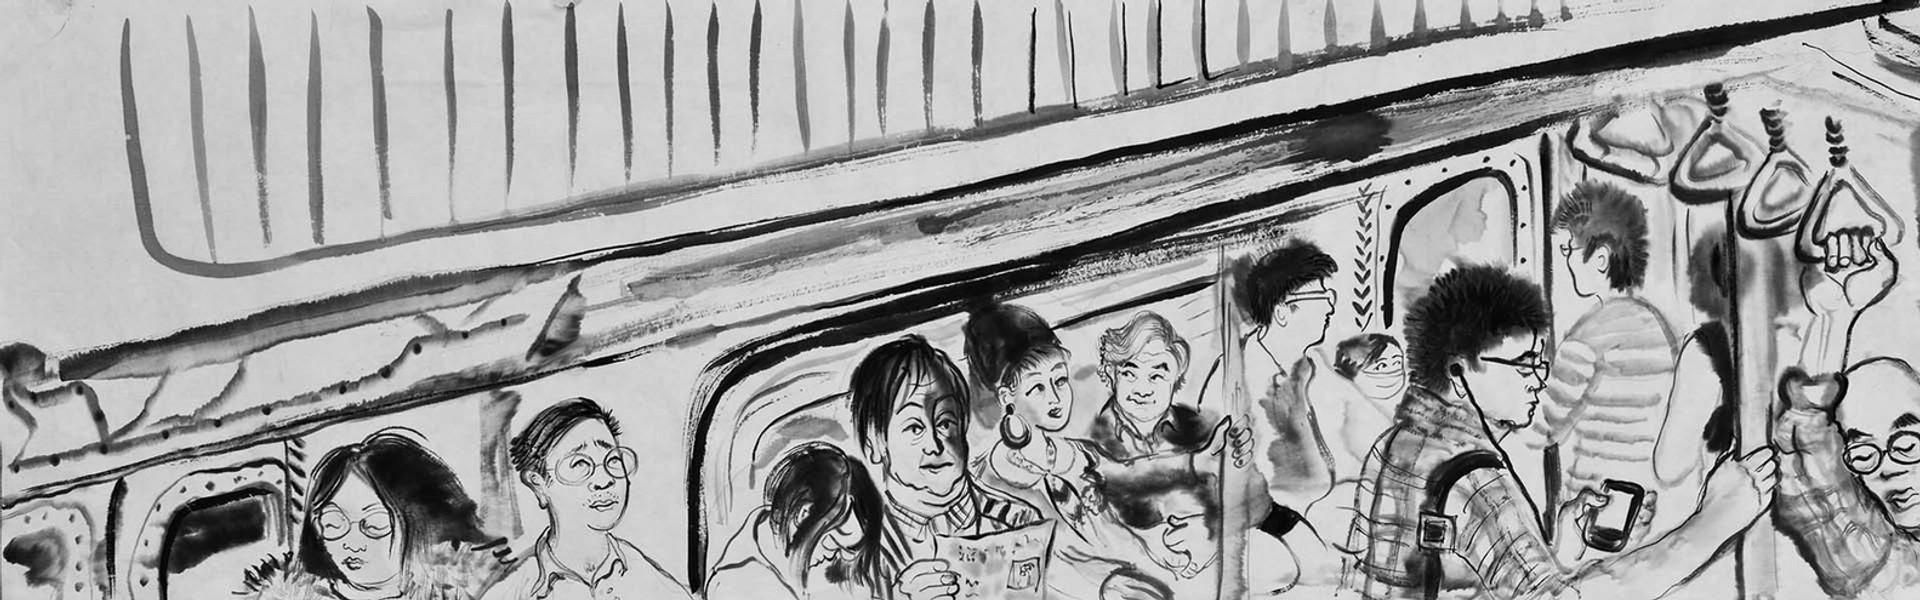 long Ink people MTR.jpg